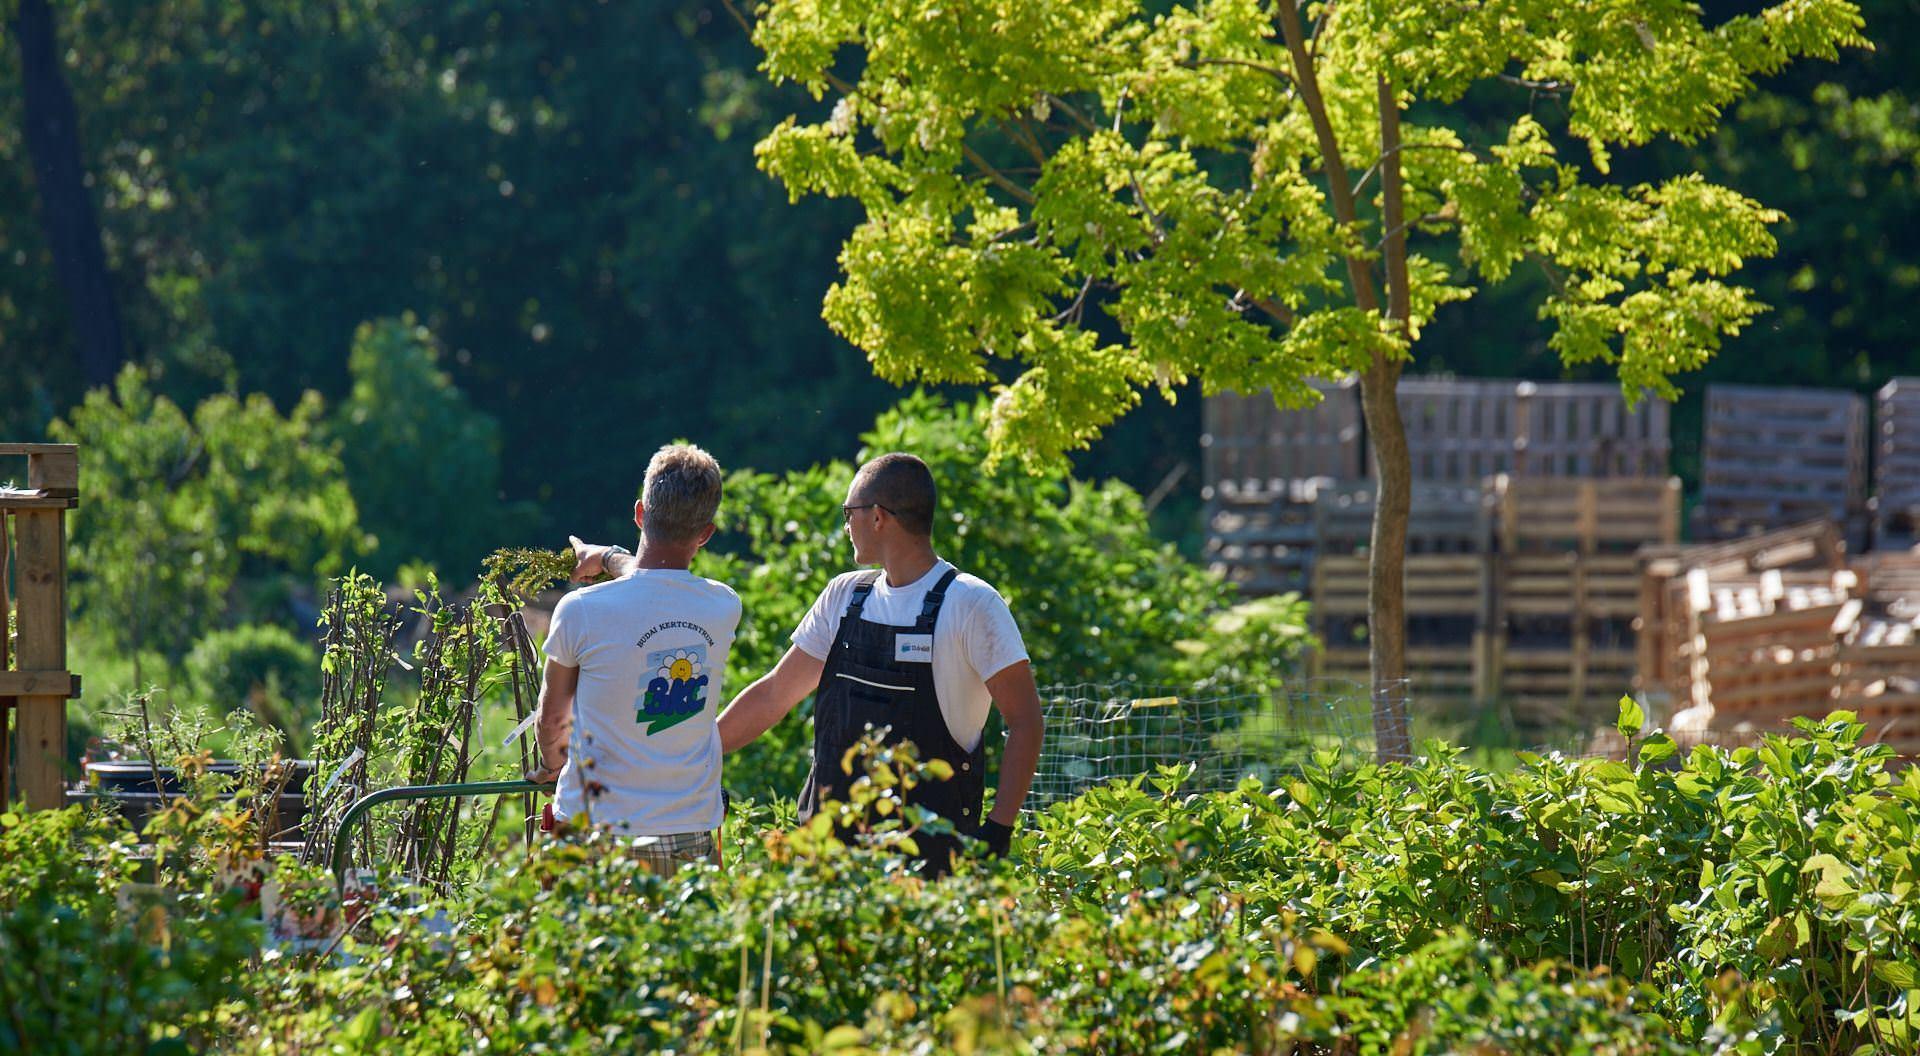 Dolgozz velünk - Kertészetvezetőt keresünk - Kertészet Budapest